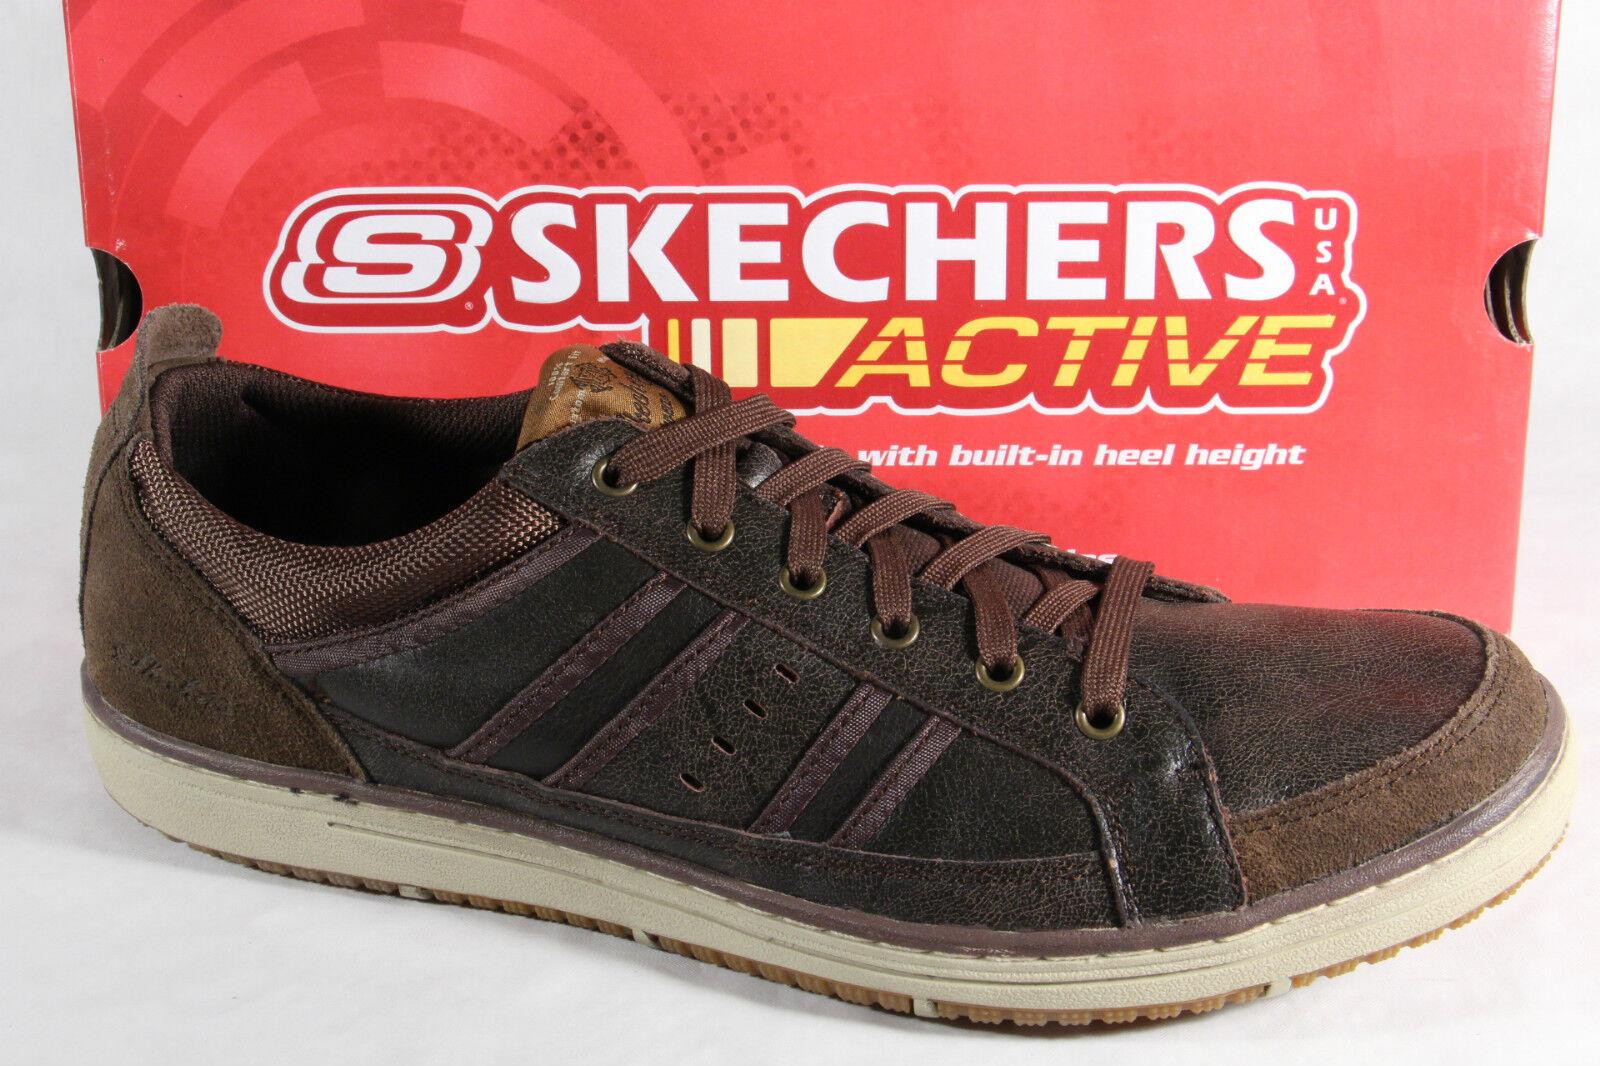 Skechers Zapatos de cordones Marrón hombre Zapatilla deporte bajas Marrón cordones Cuero NUEVO 62f466